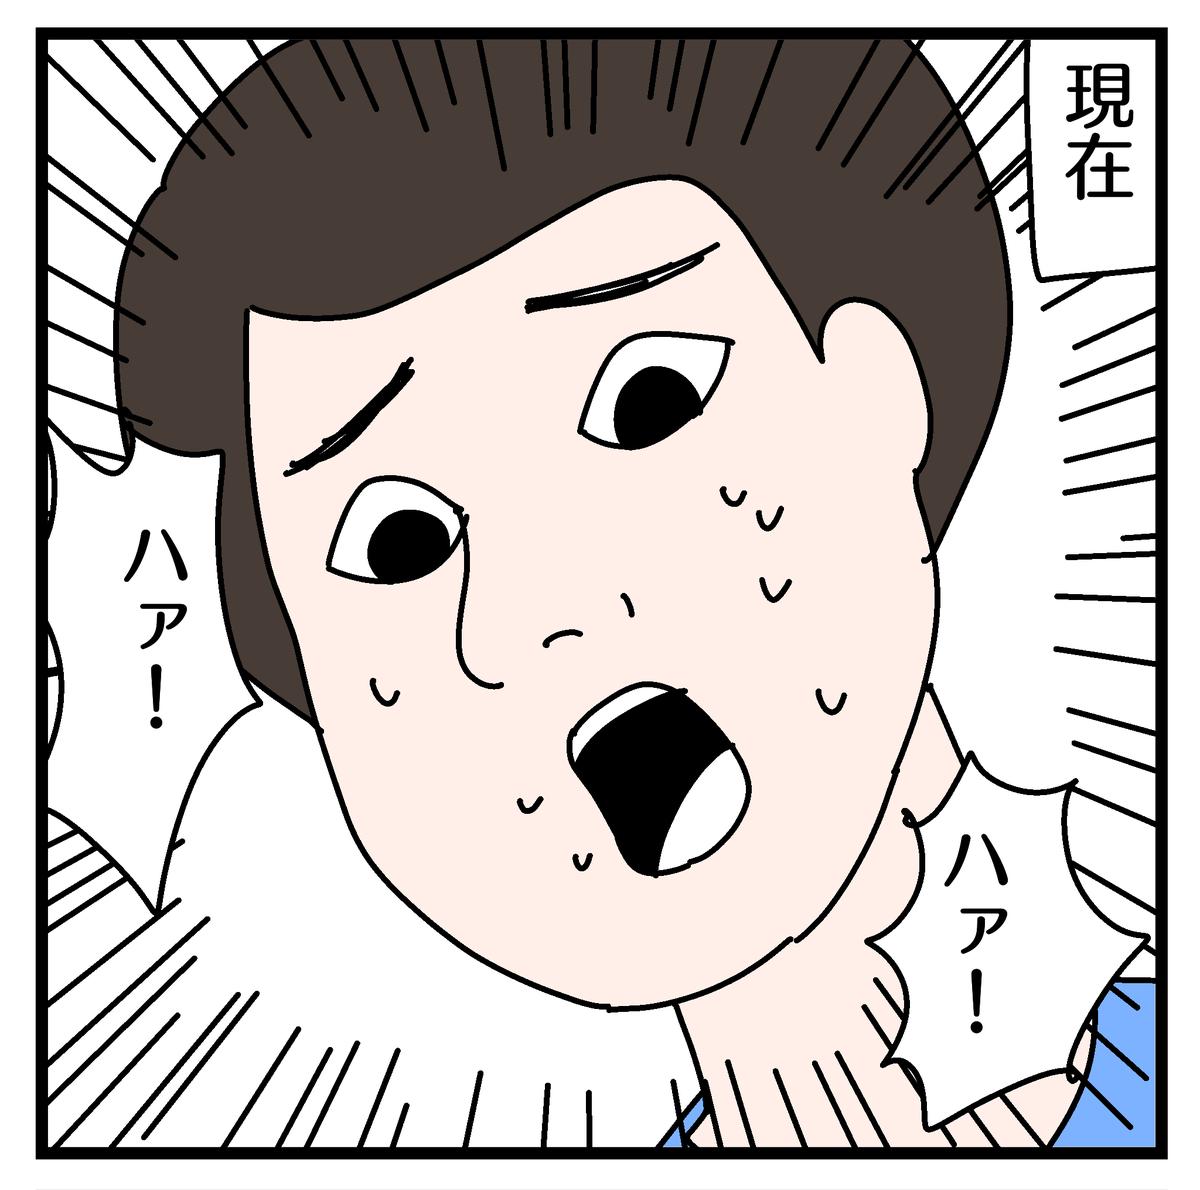 f:id:YuruFuwaTa:20200724153012p:plain